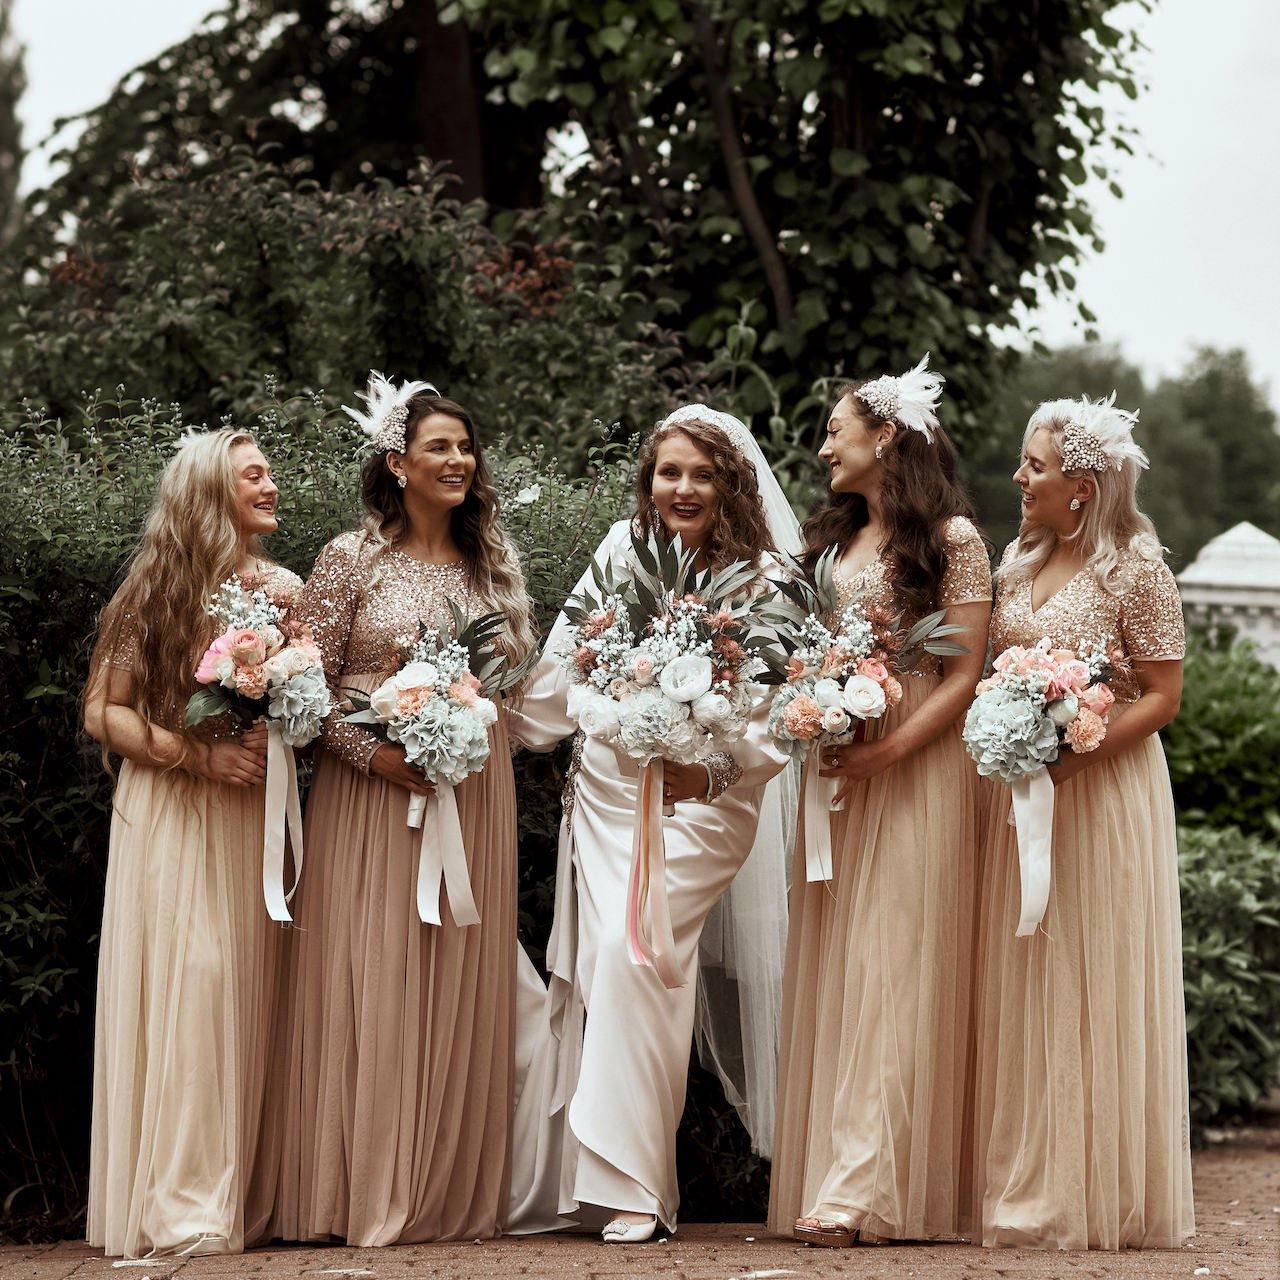 Bridesmaids Portrait Photography